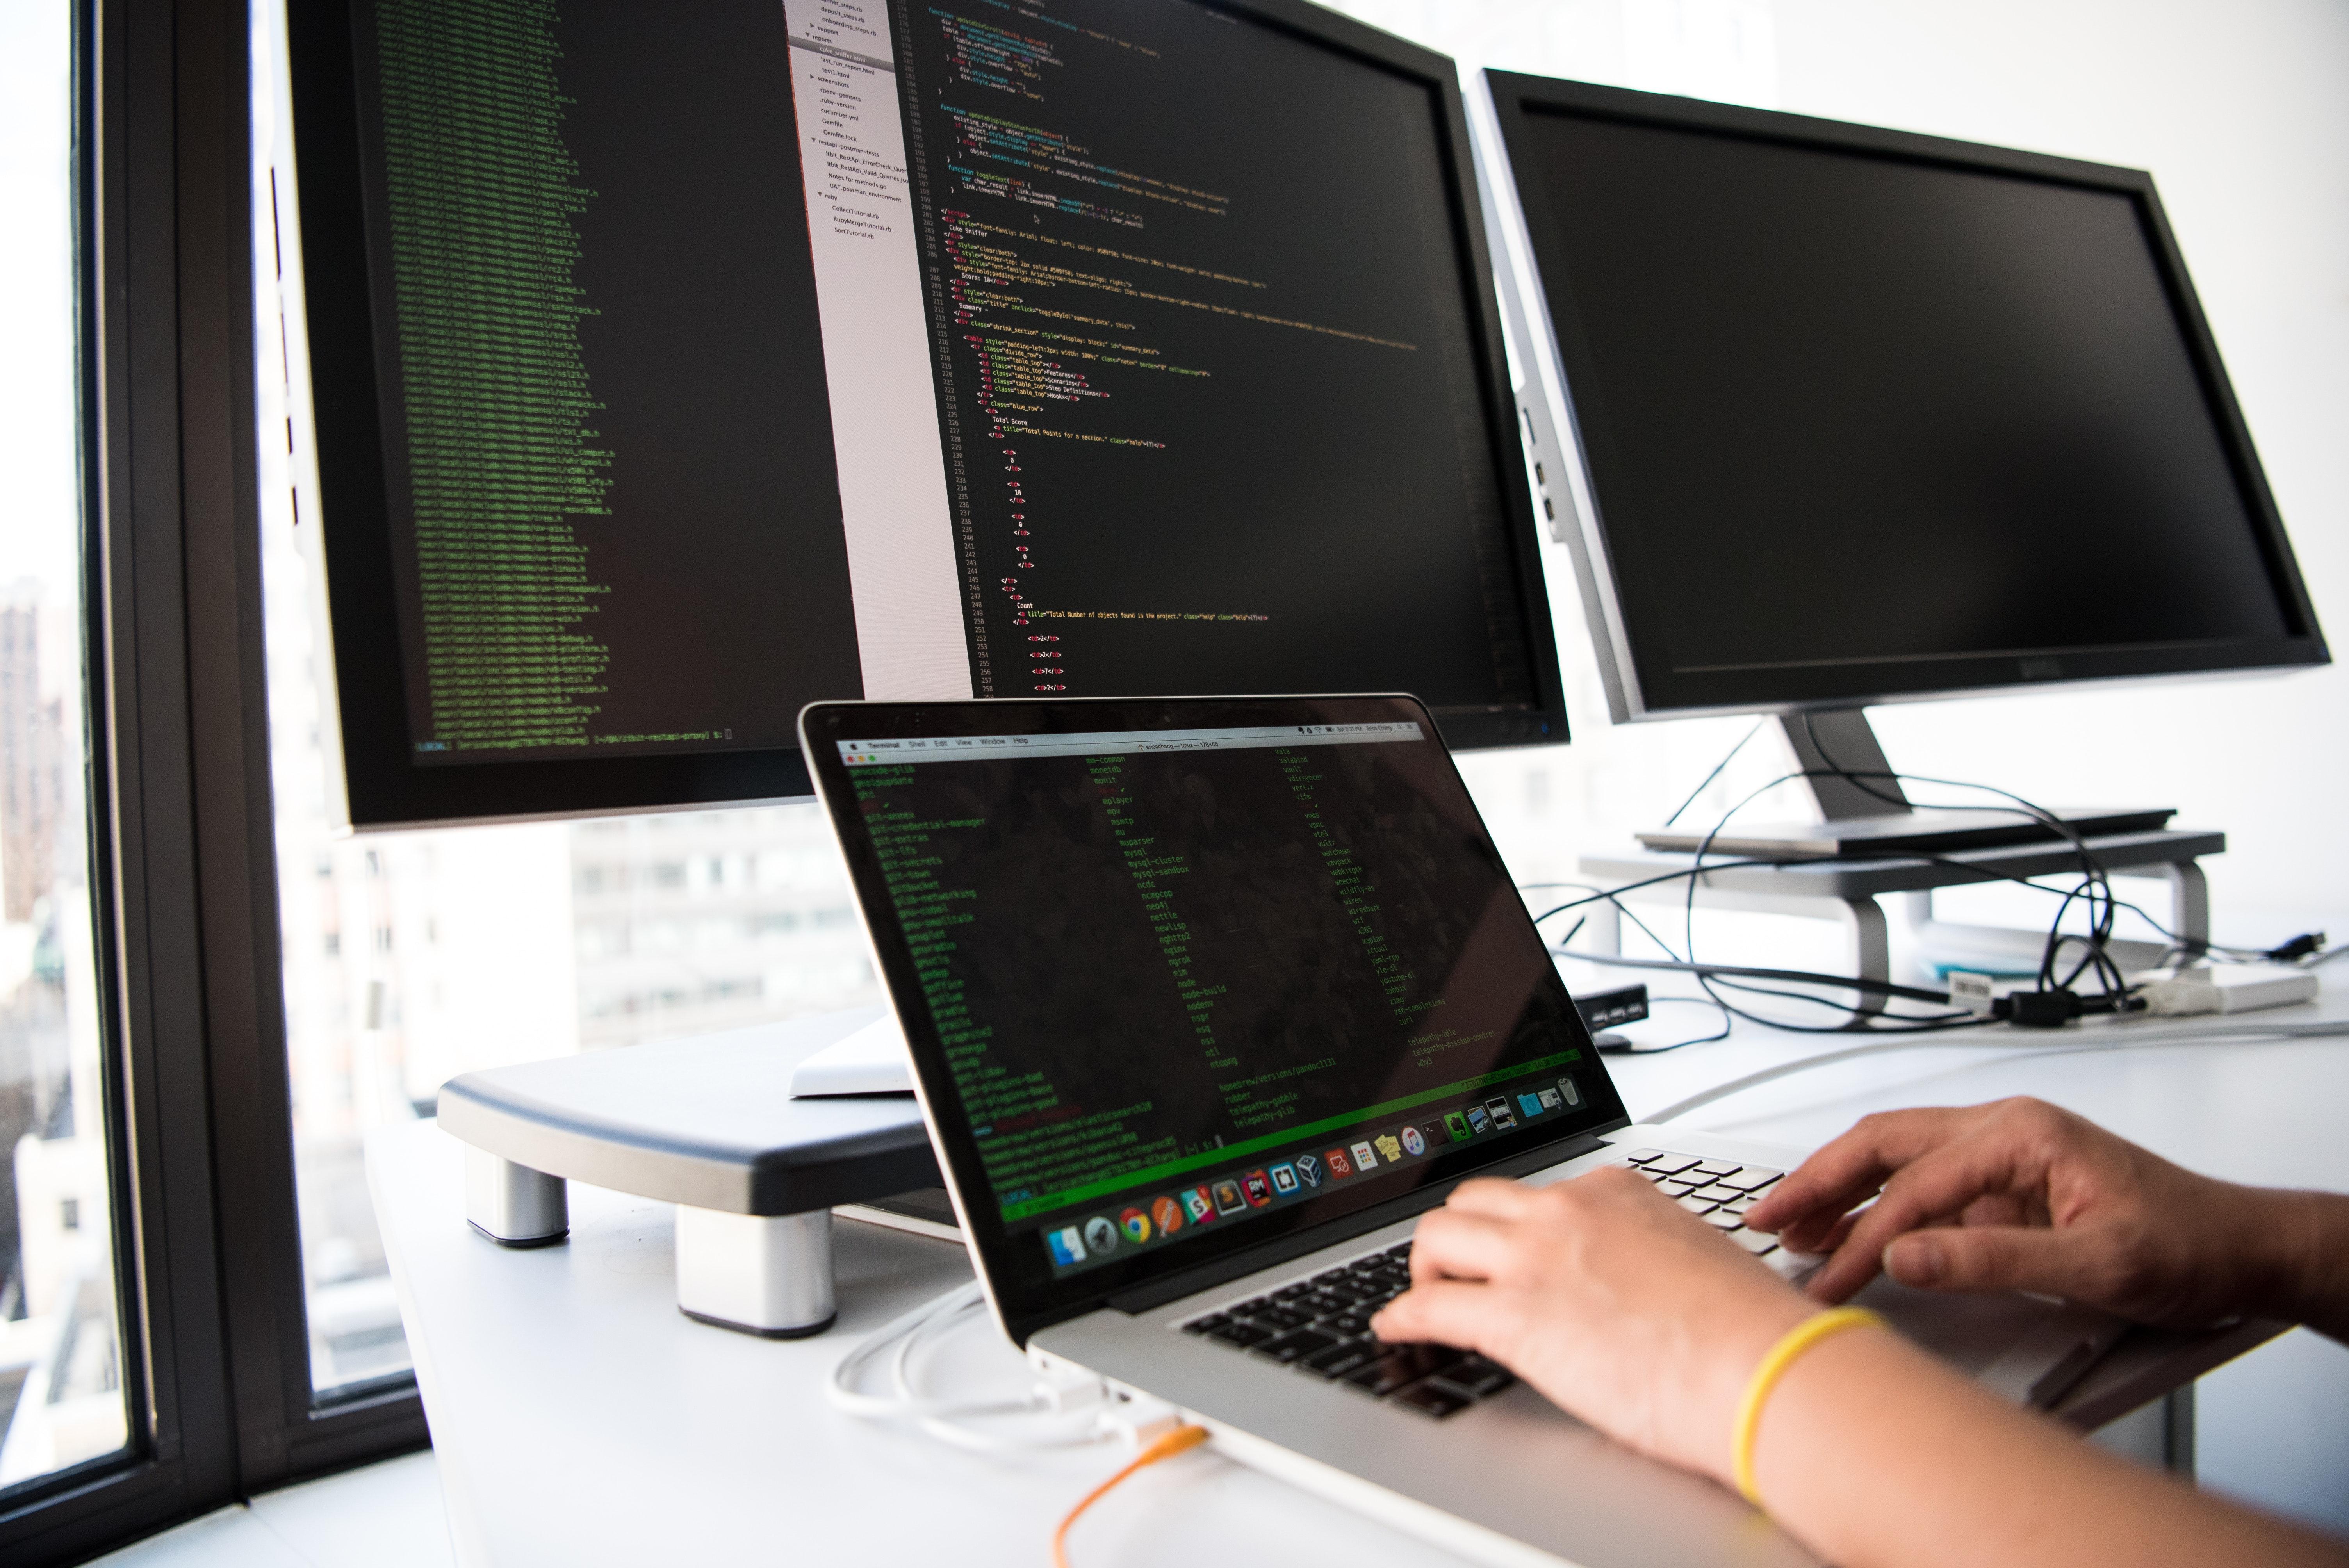 7 Tipps, mit denen Sie erfolgreich IT-Fachkräfte gewinnen